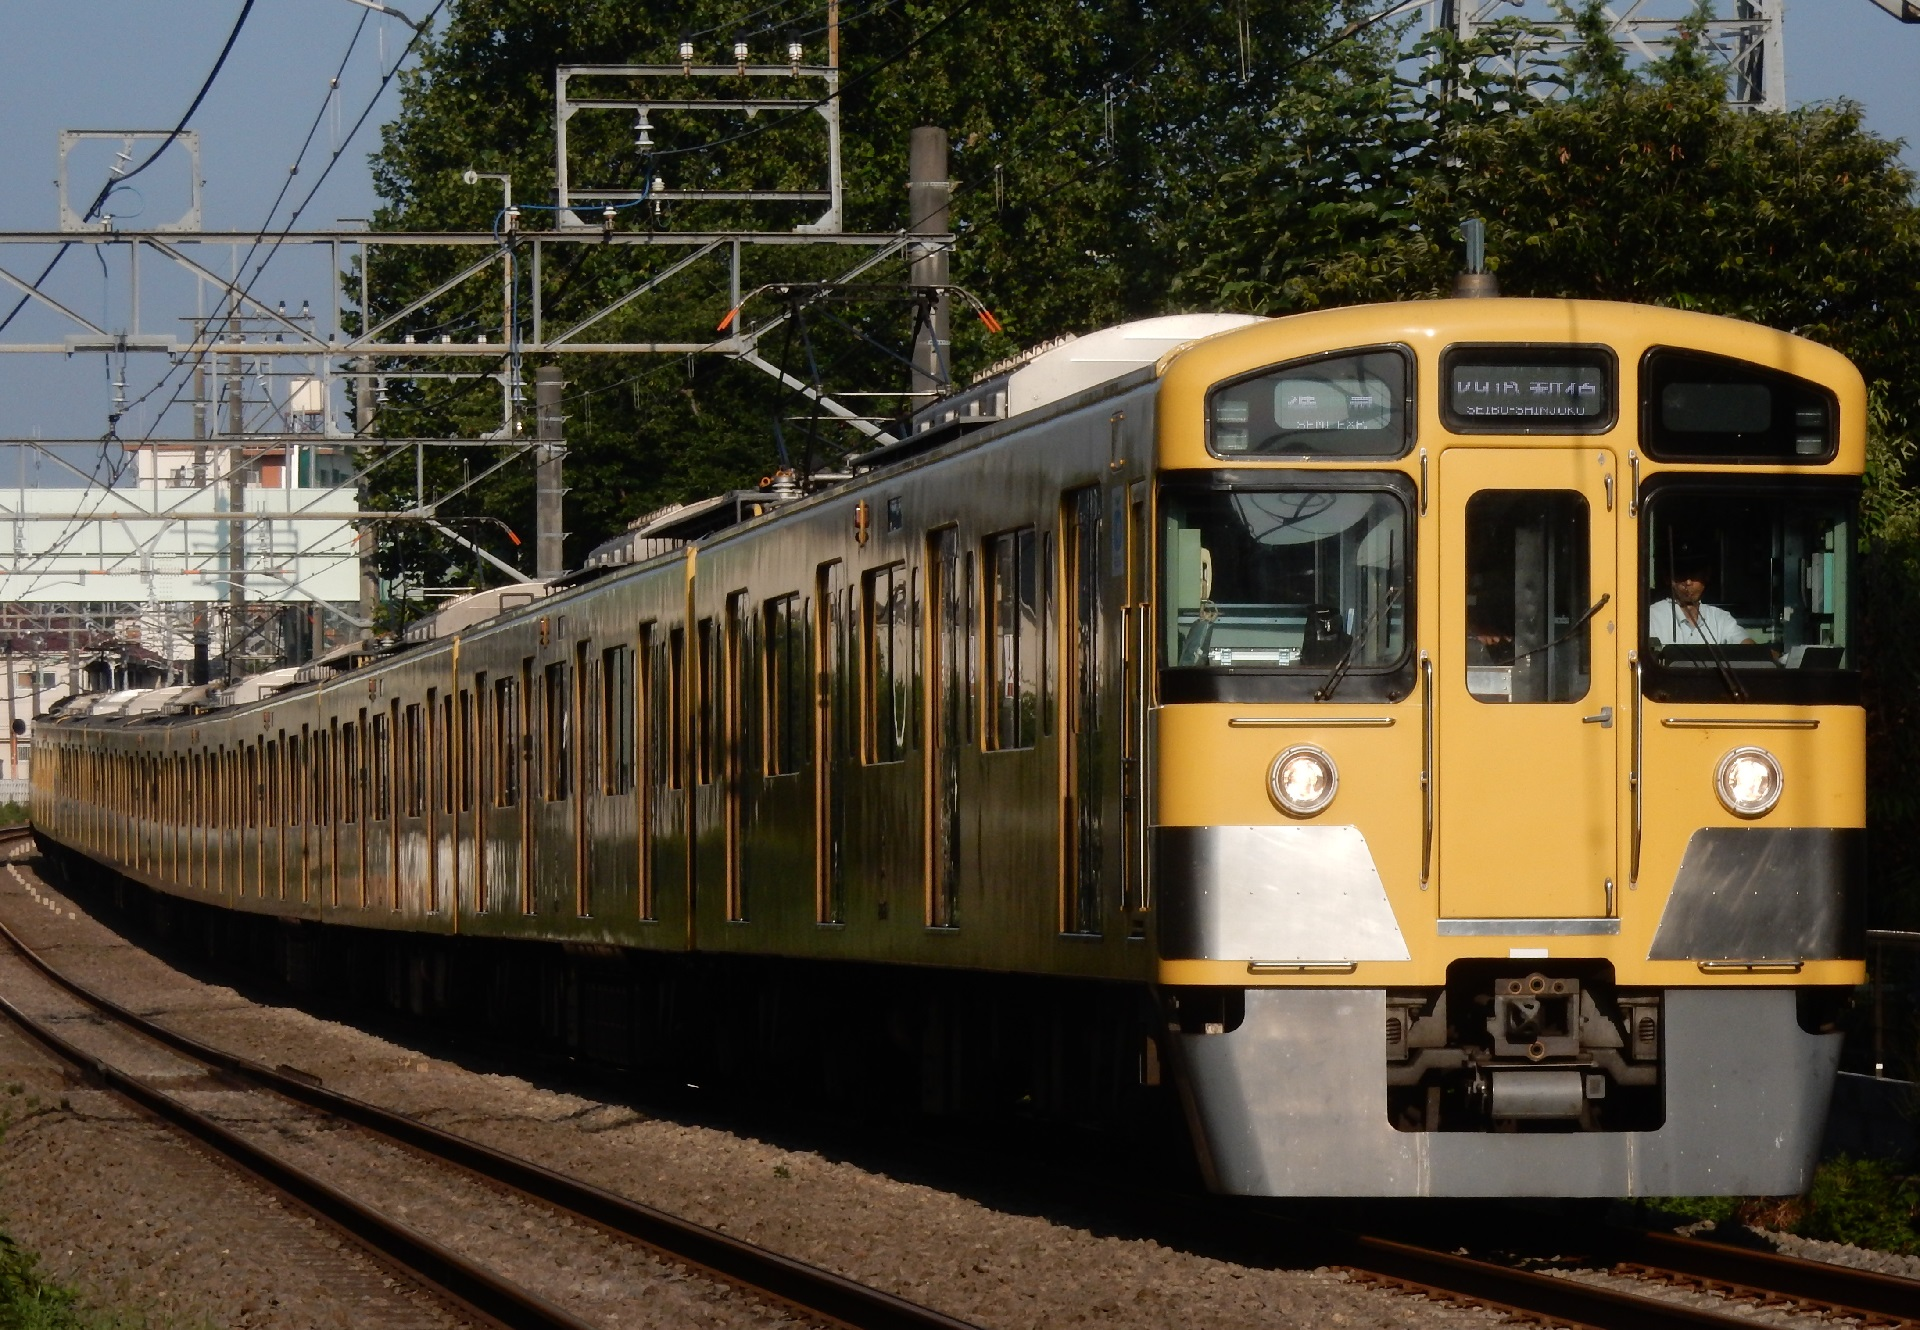 DSCN4754 - コピー